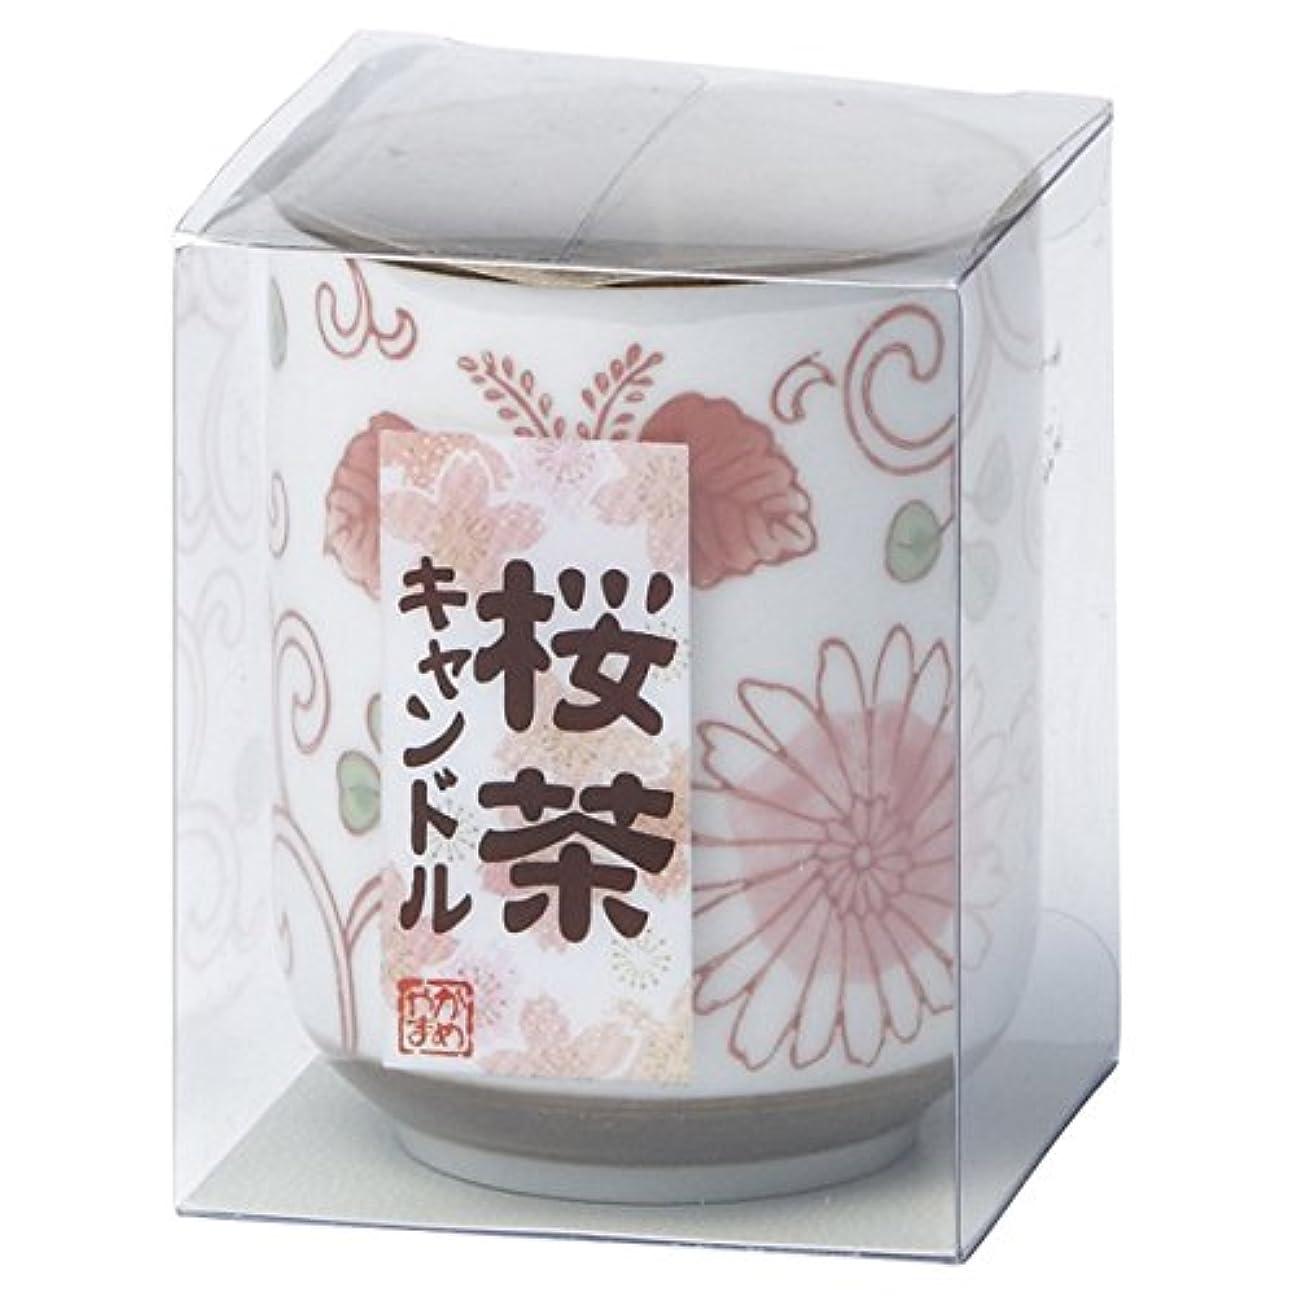 夕方キャンペーン委託桜茶キャンドル